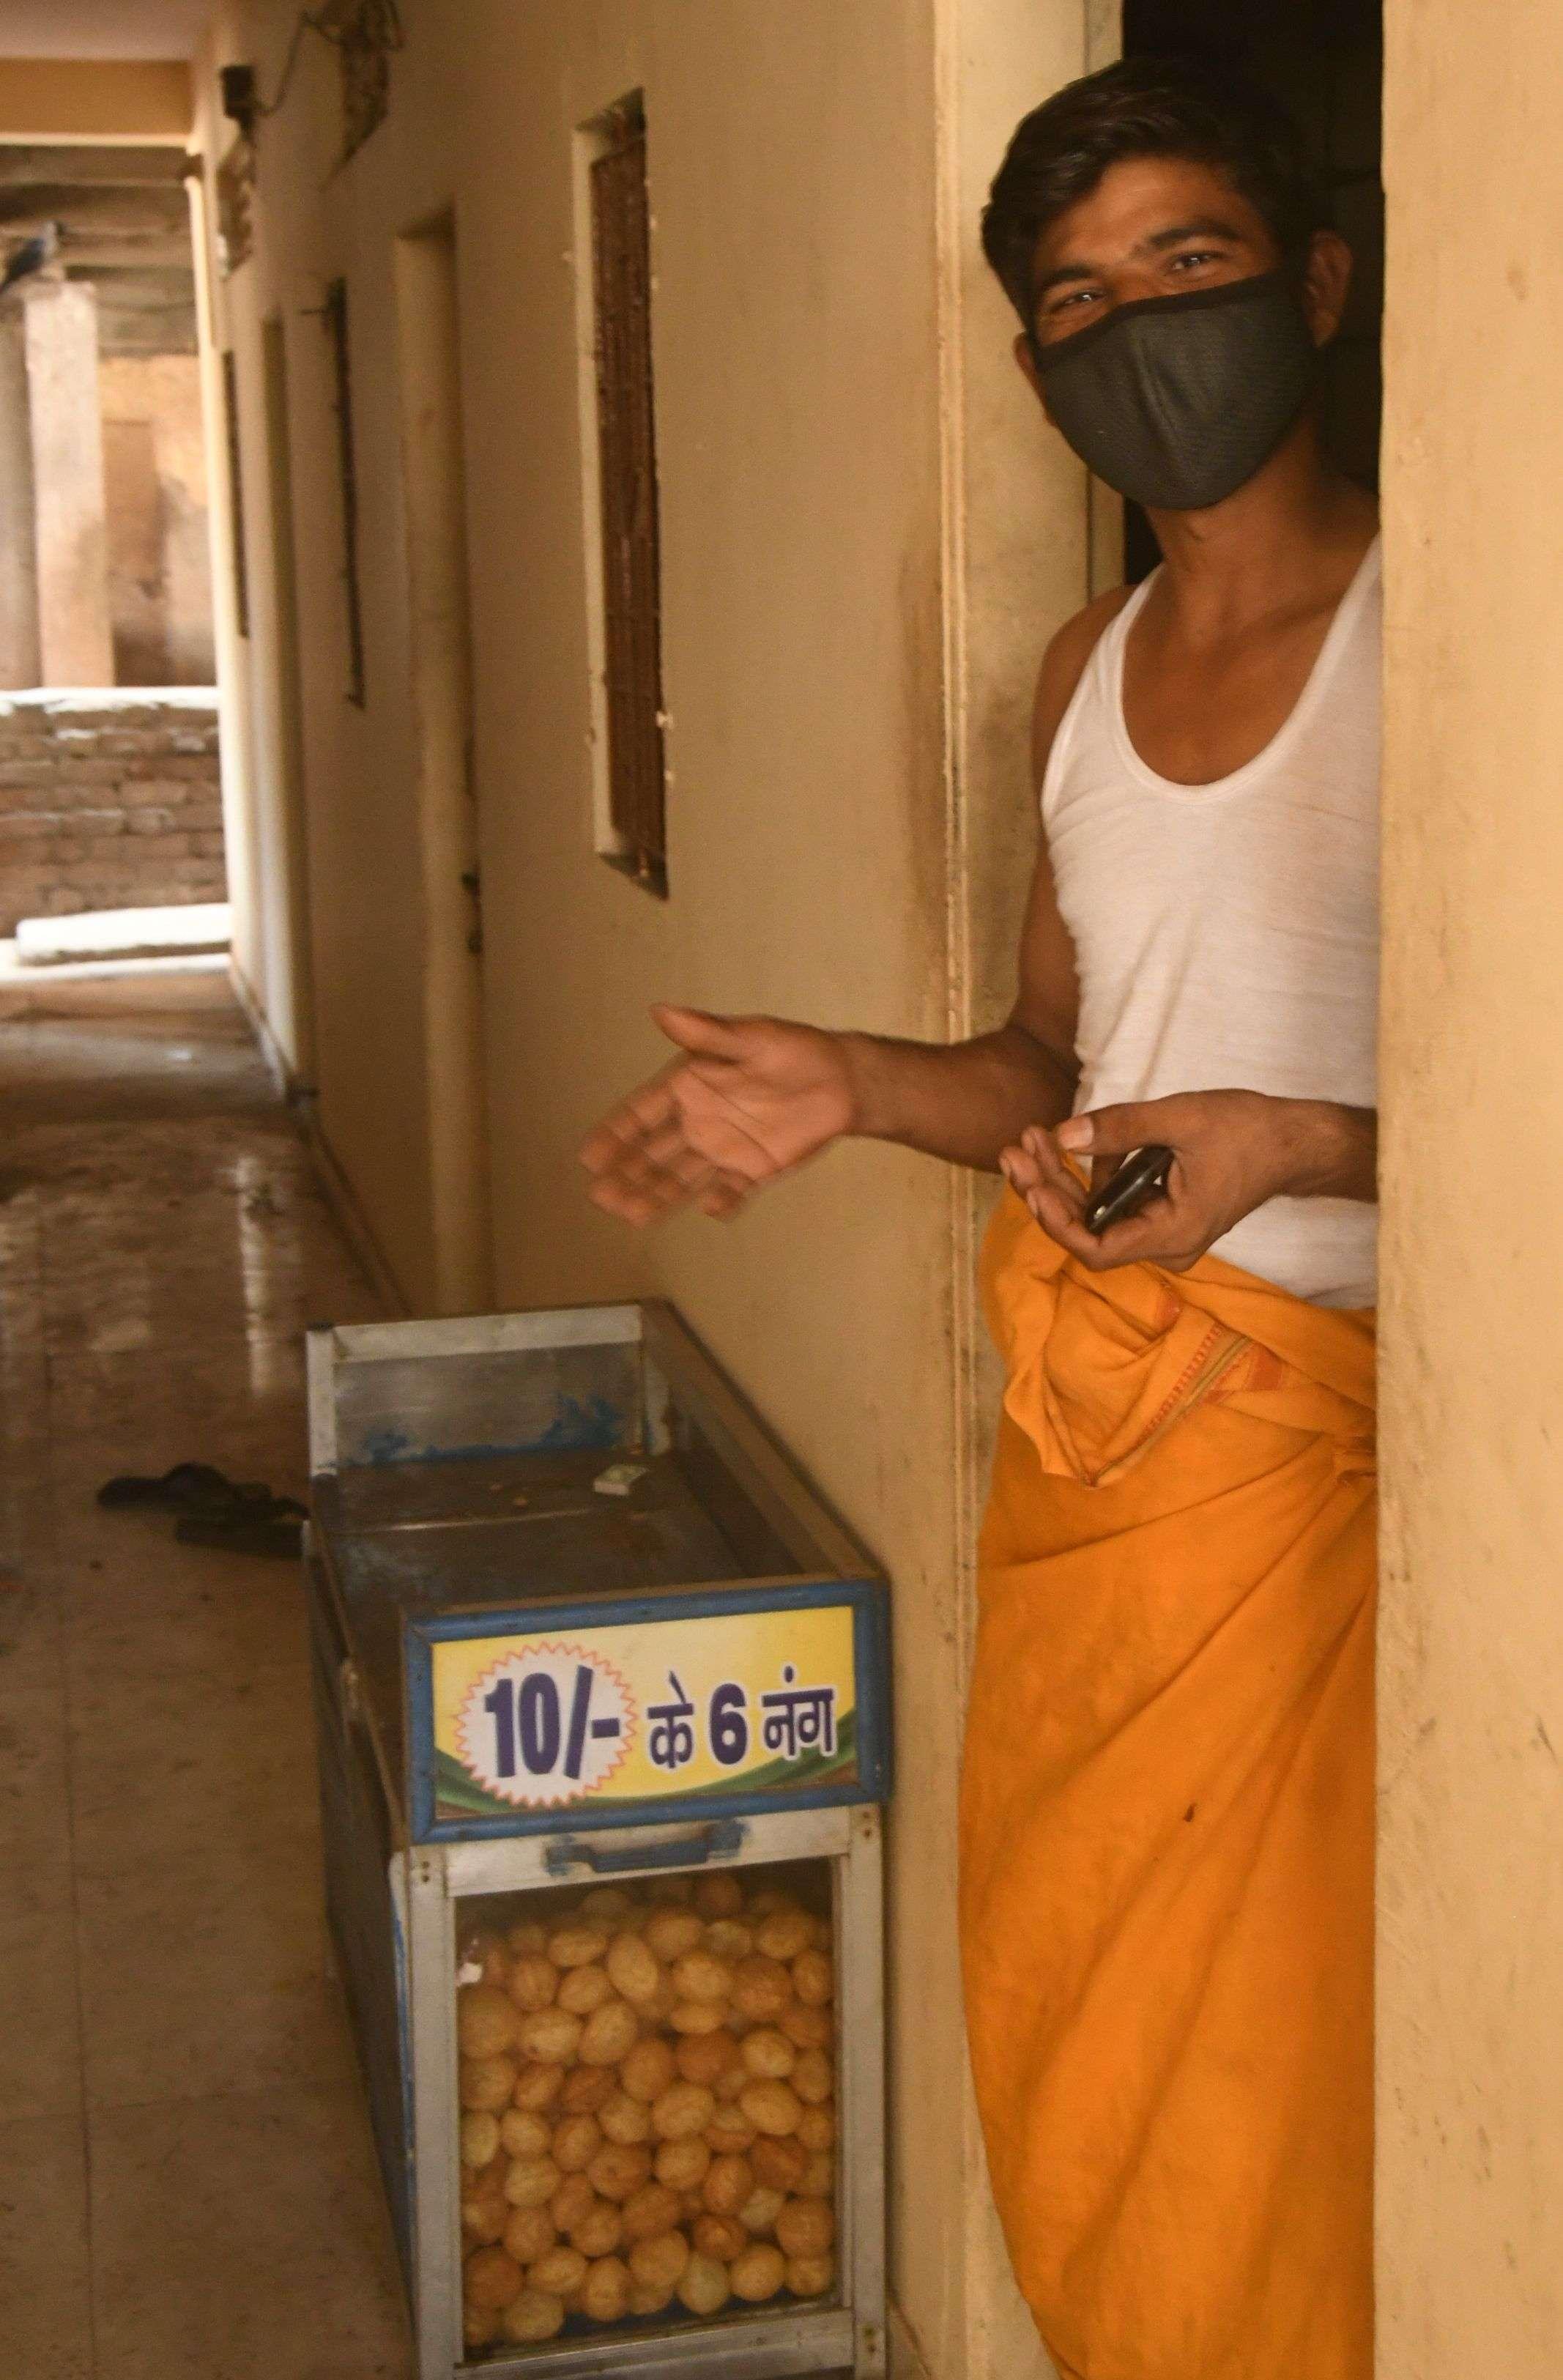 COVID 19 IN SURAT : श्रमिक बस्तियों में पसरने लगा सन्नाटा, आधे से अधिक गए गांव, बचे हुए भी परेशान